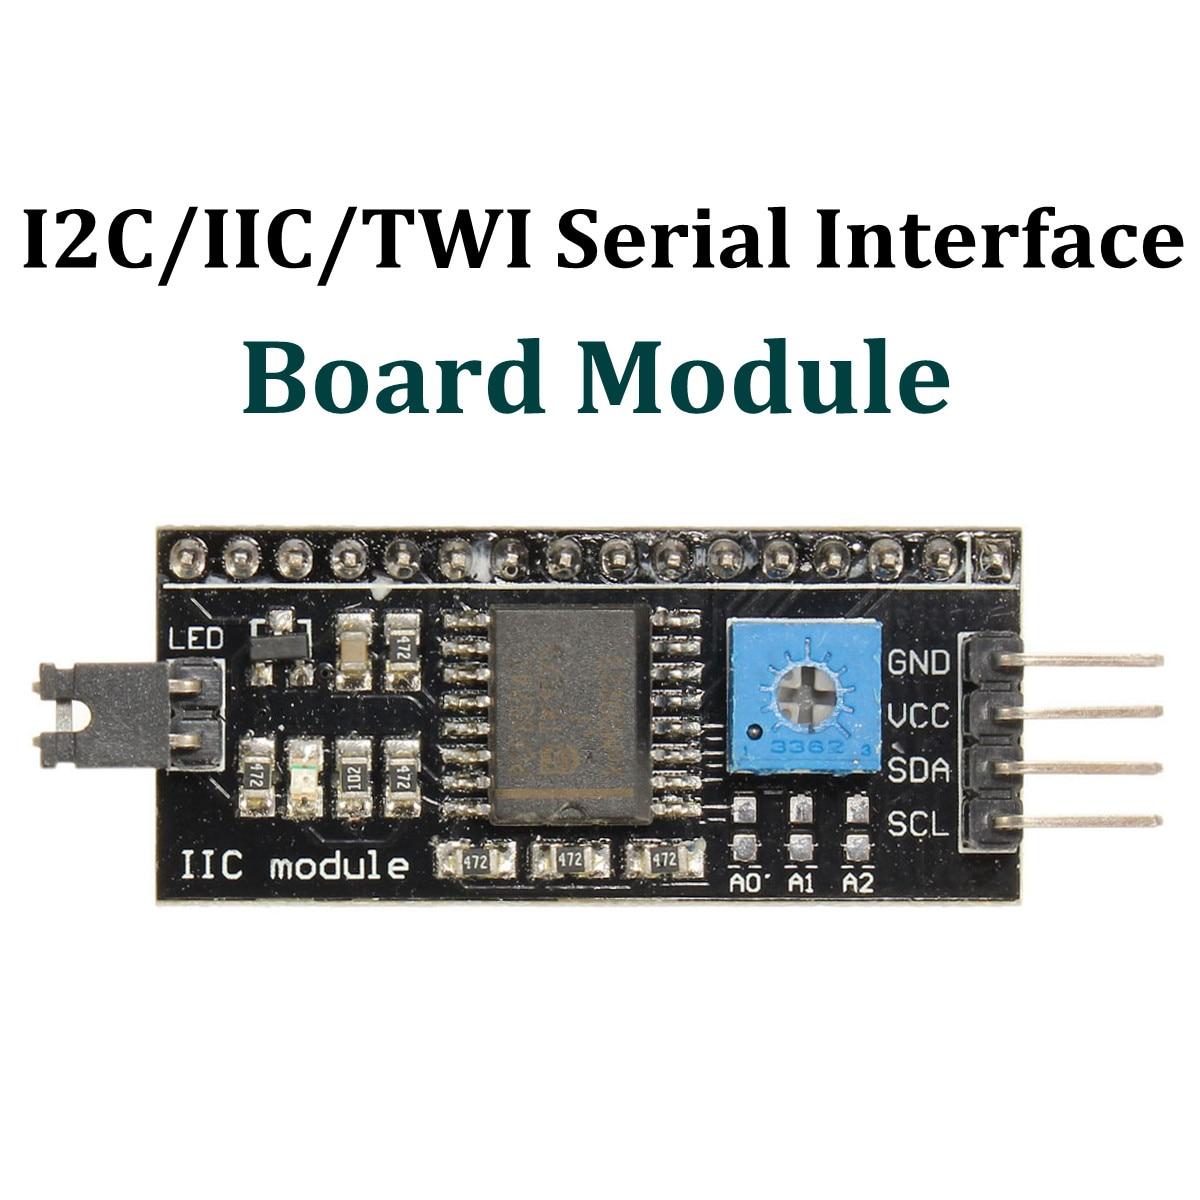 Gewissenhaft Neue Ankunft I2c/iic/twi Serielle Interface Board Modul Für Arduino R3 Lcd 1602 Display 54x19mm 5 V Heißer Verkauf Elektronische Bauelemente Und Systeme Lcd Module